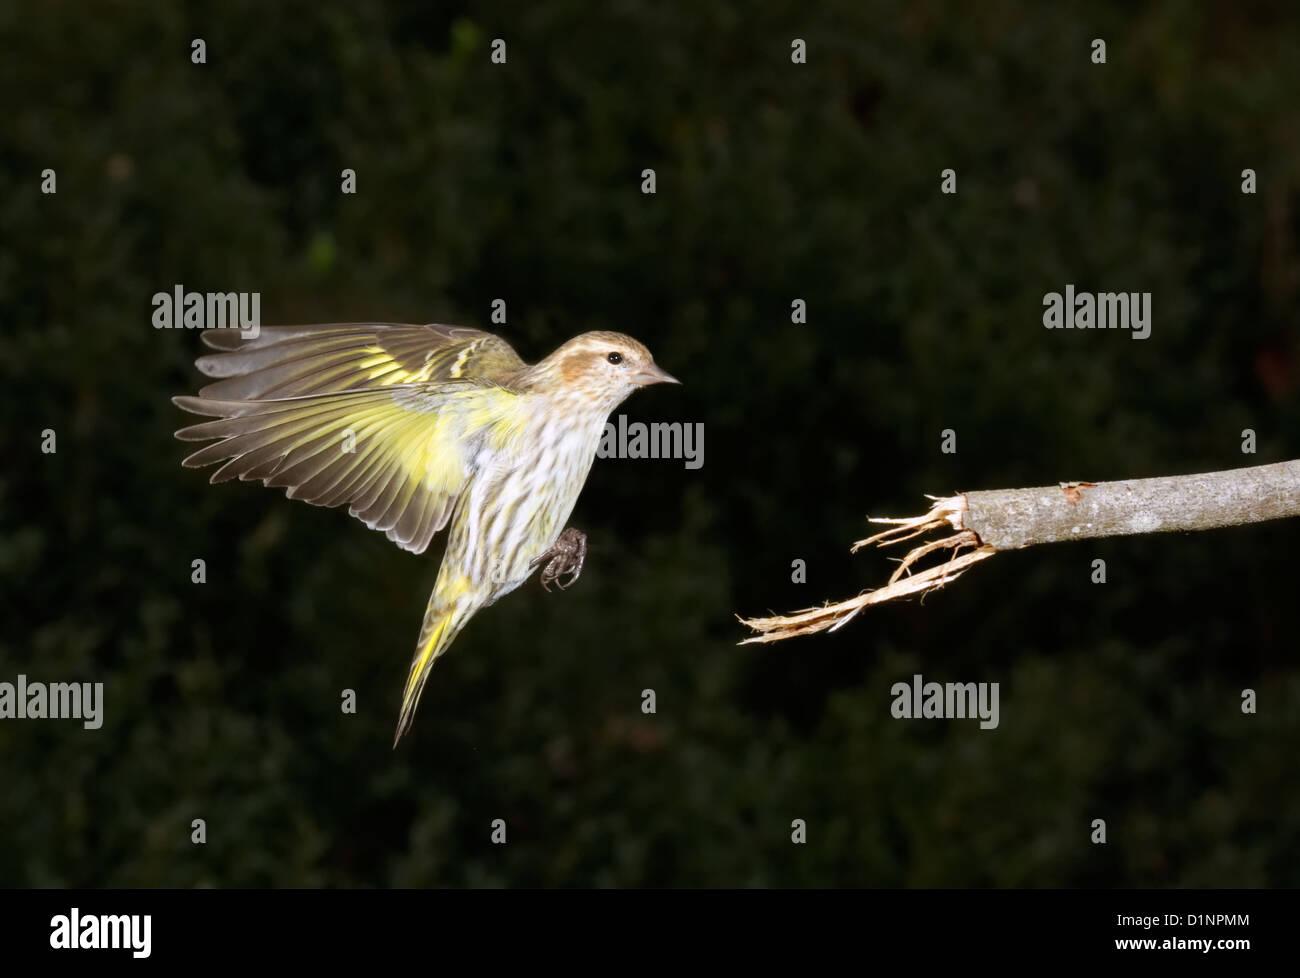 Pine siskin (Carduelis pinus) landing on a tree branch. - Stock Image